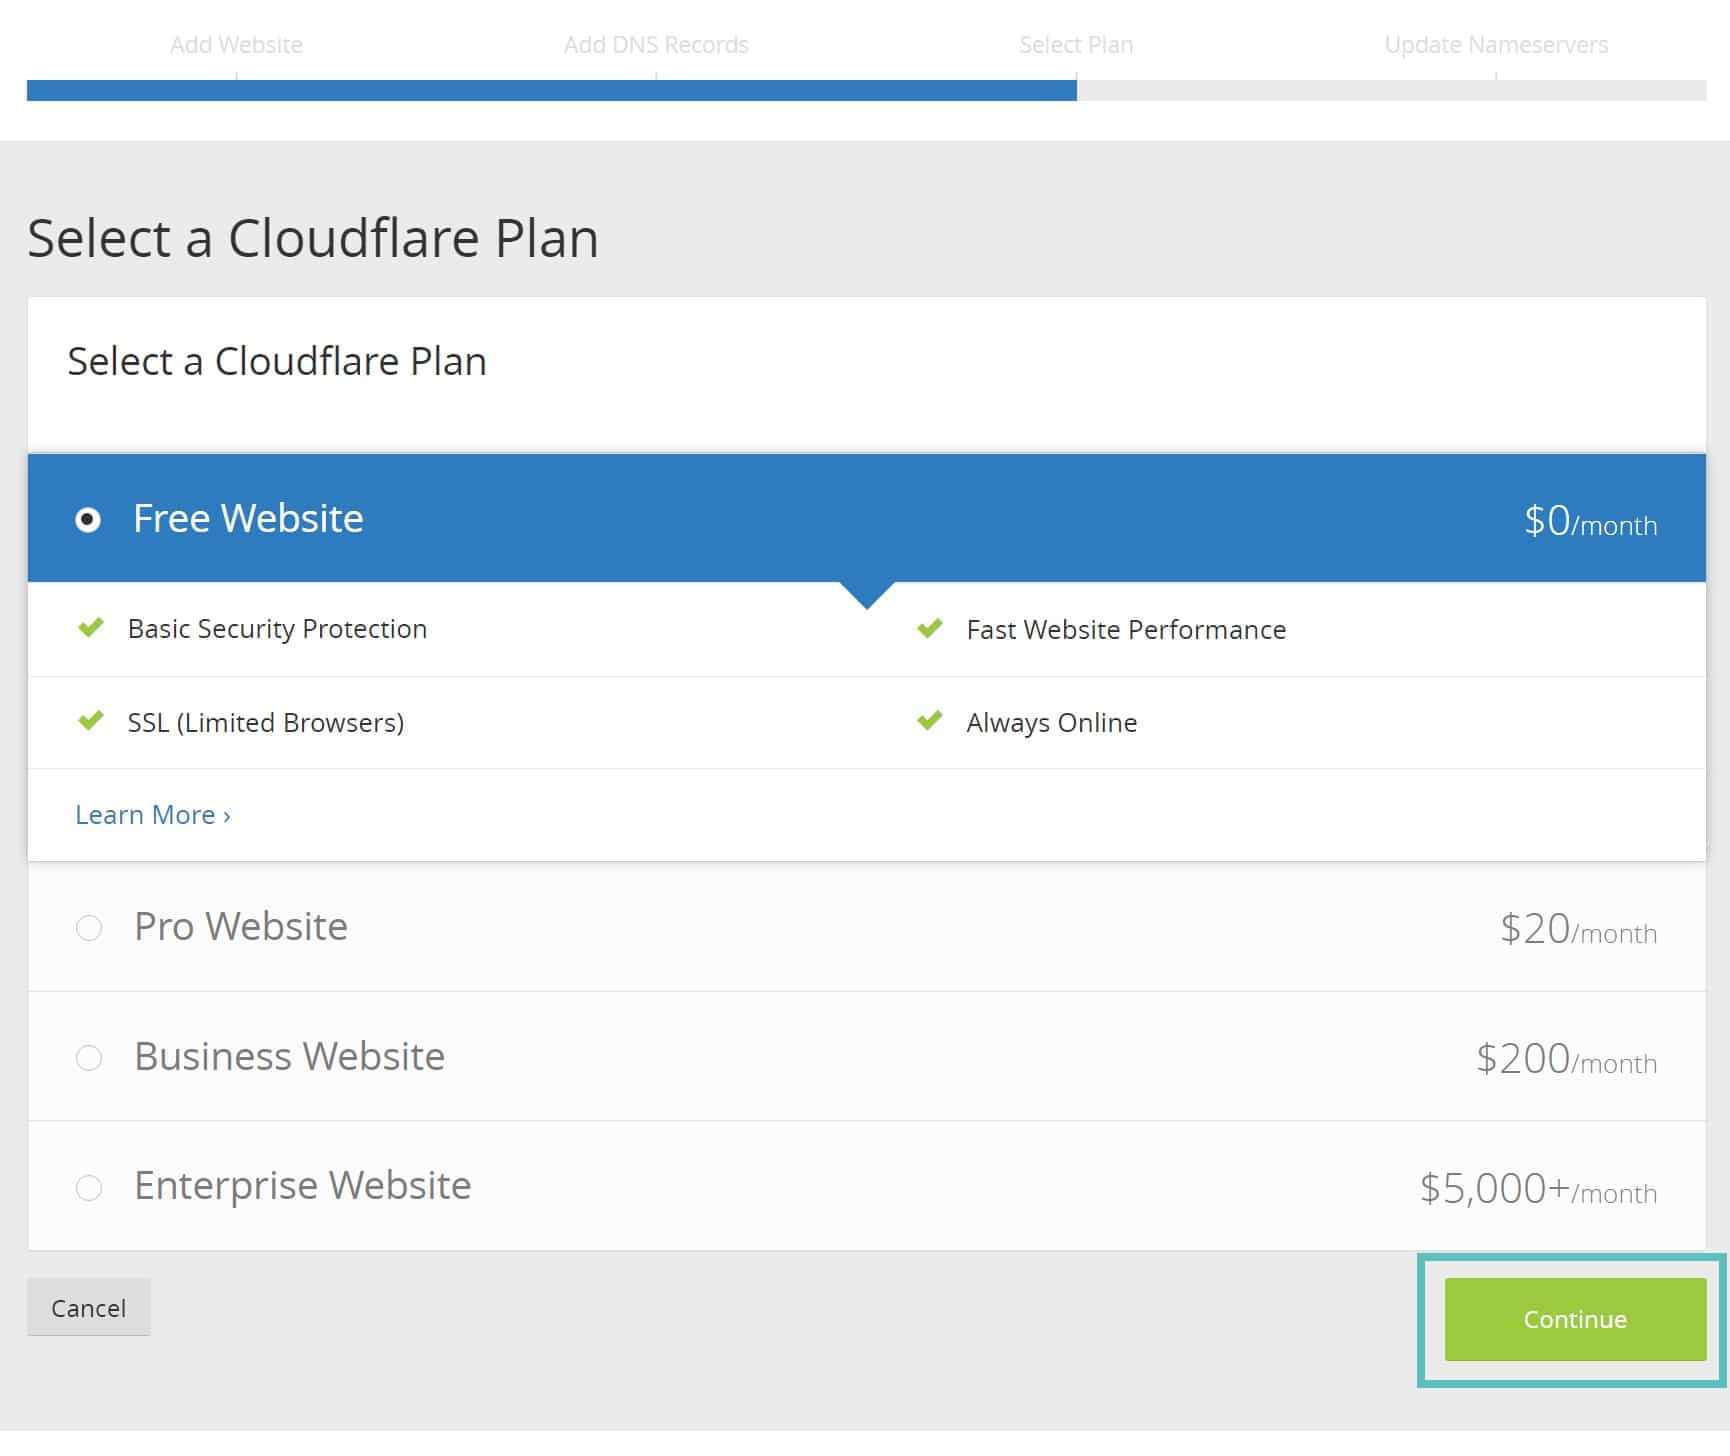 Plano gratuito Cloudflare